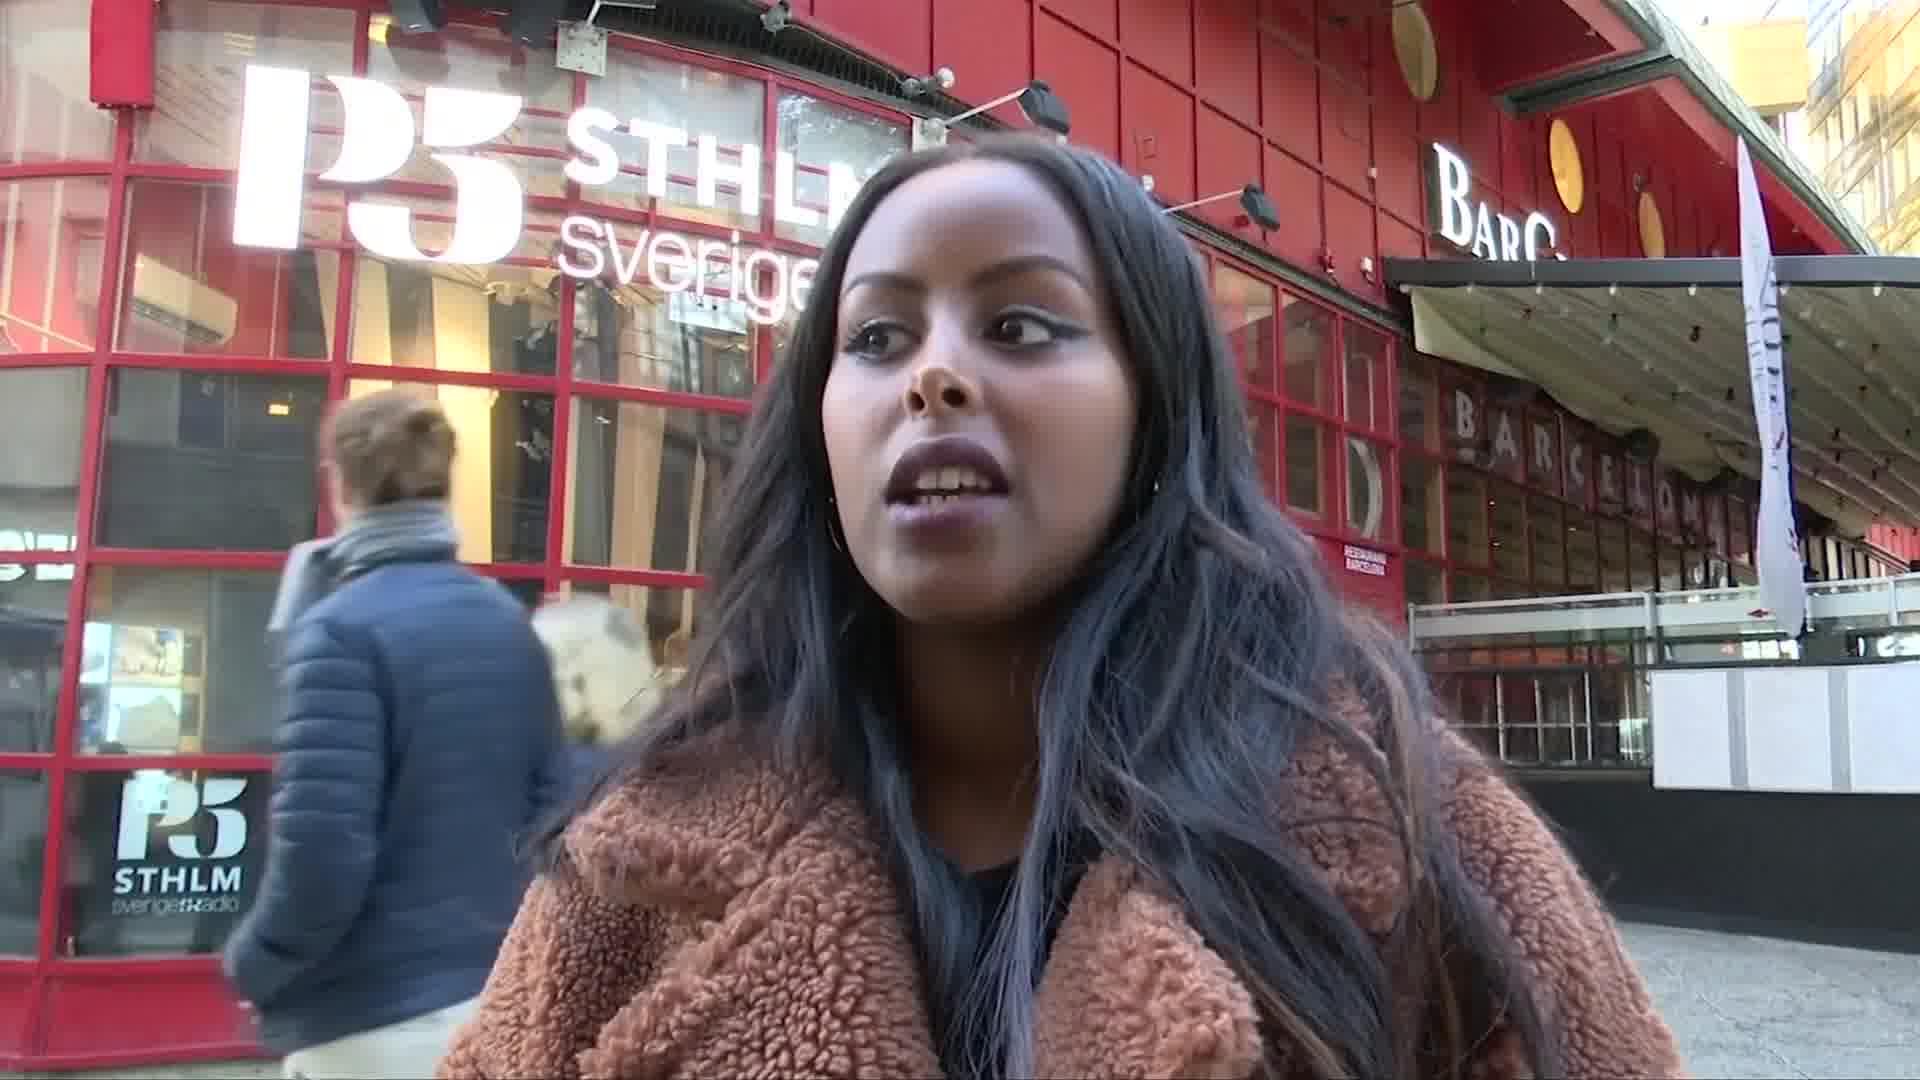 Swedish R&B singer Cherrie gives thanks to Somali fans